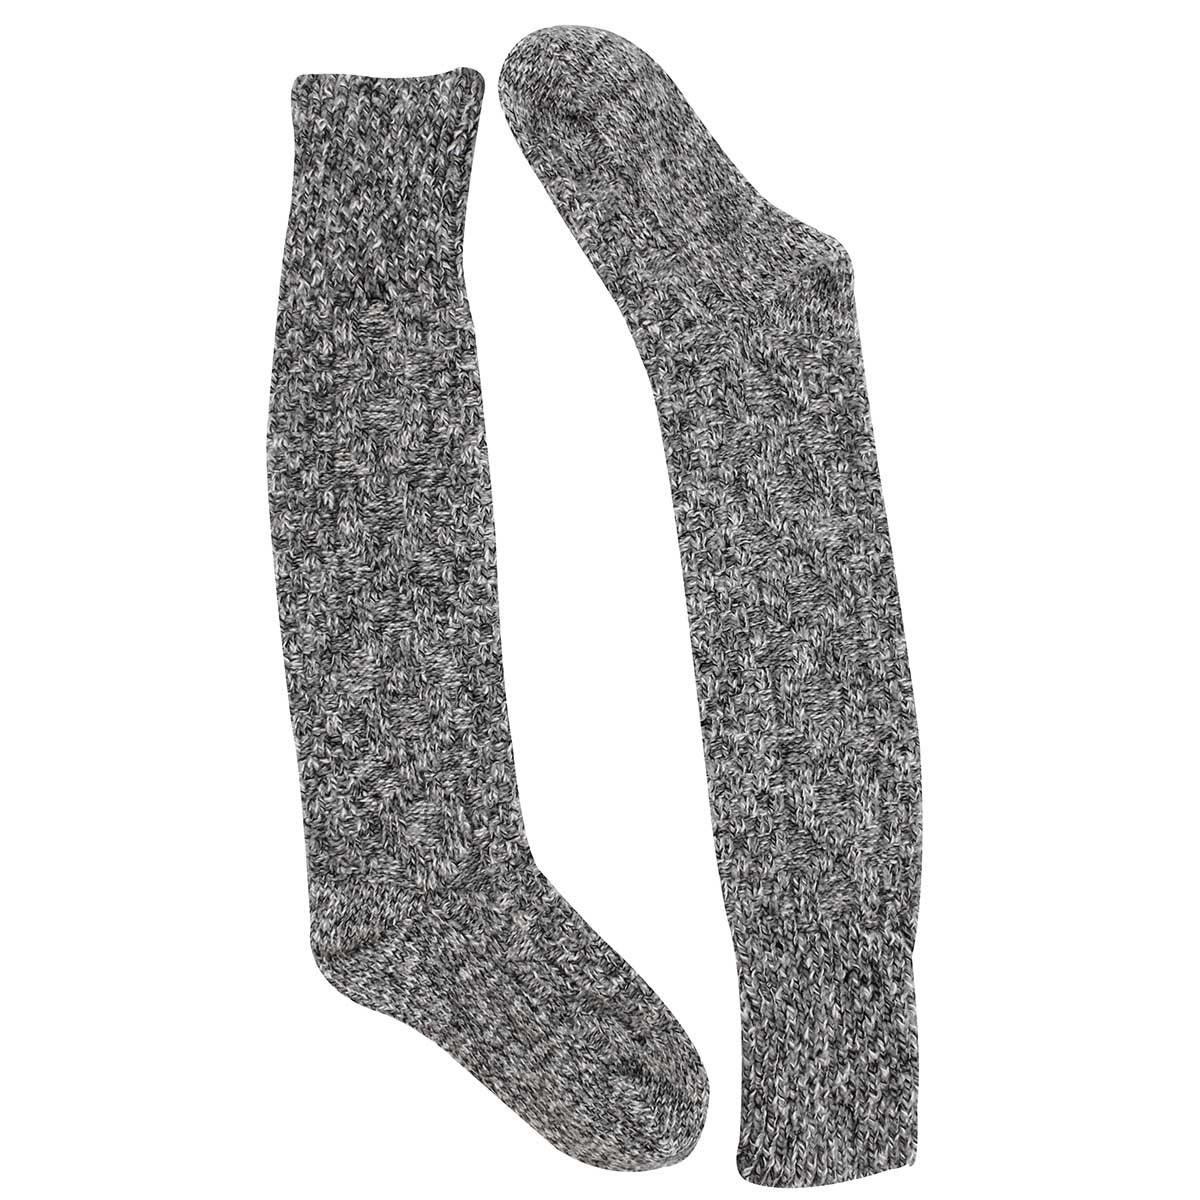 Chaussette haute,DURAY,tricot torsadé,noir,femmes